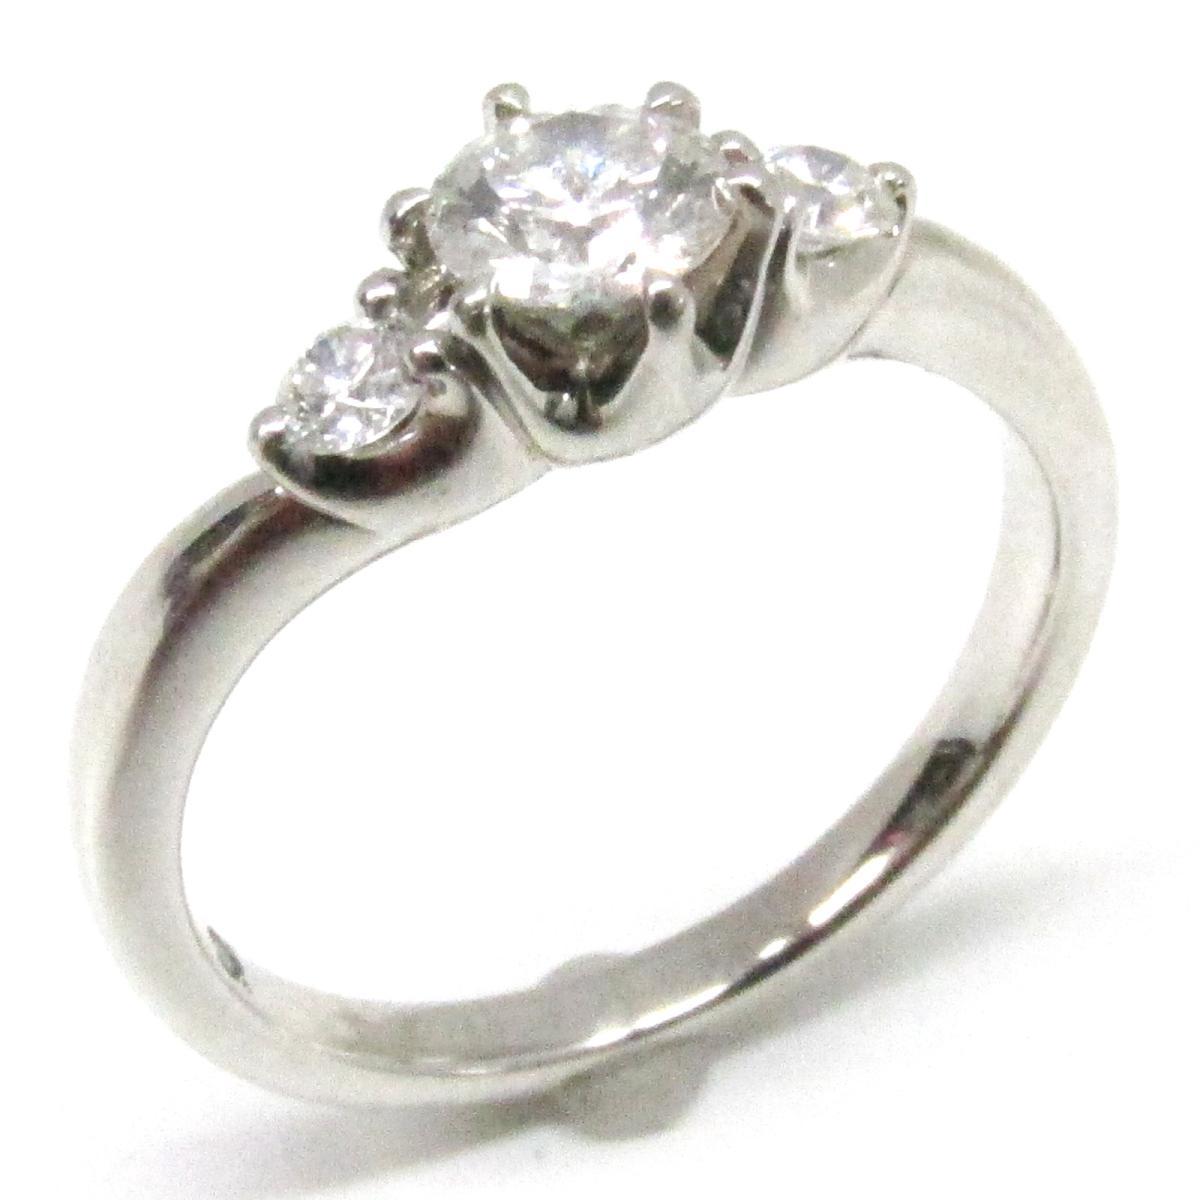 【中古】 ヨンドシー ダイヤモンド リング 指輪 レディース PT995 プラチナ x | 4℃ BRANDOFF ブランドオフ ブランド ジュエリー アクセサリー